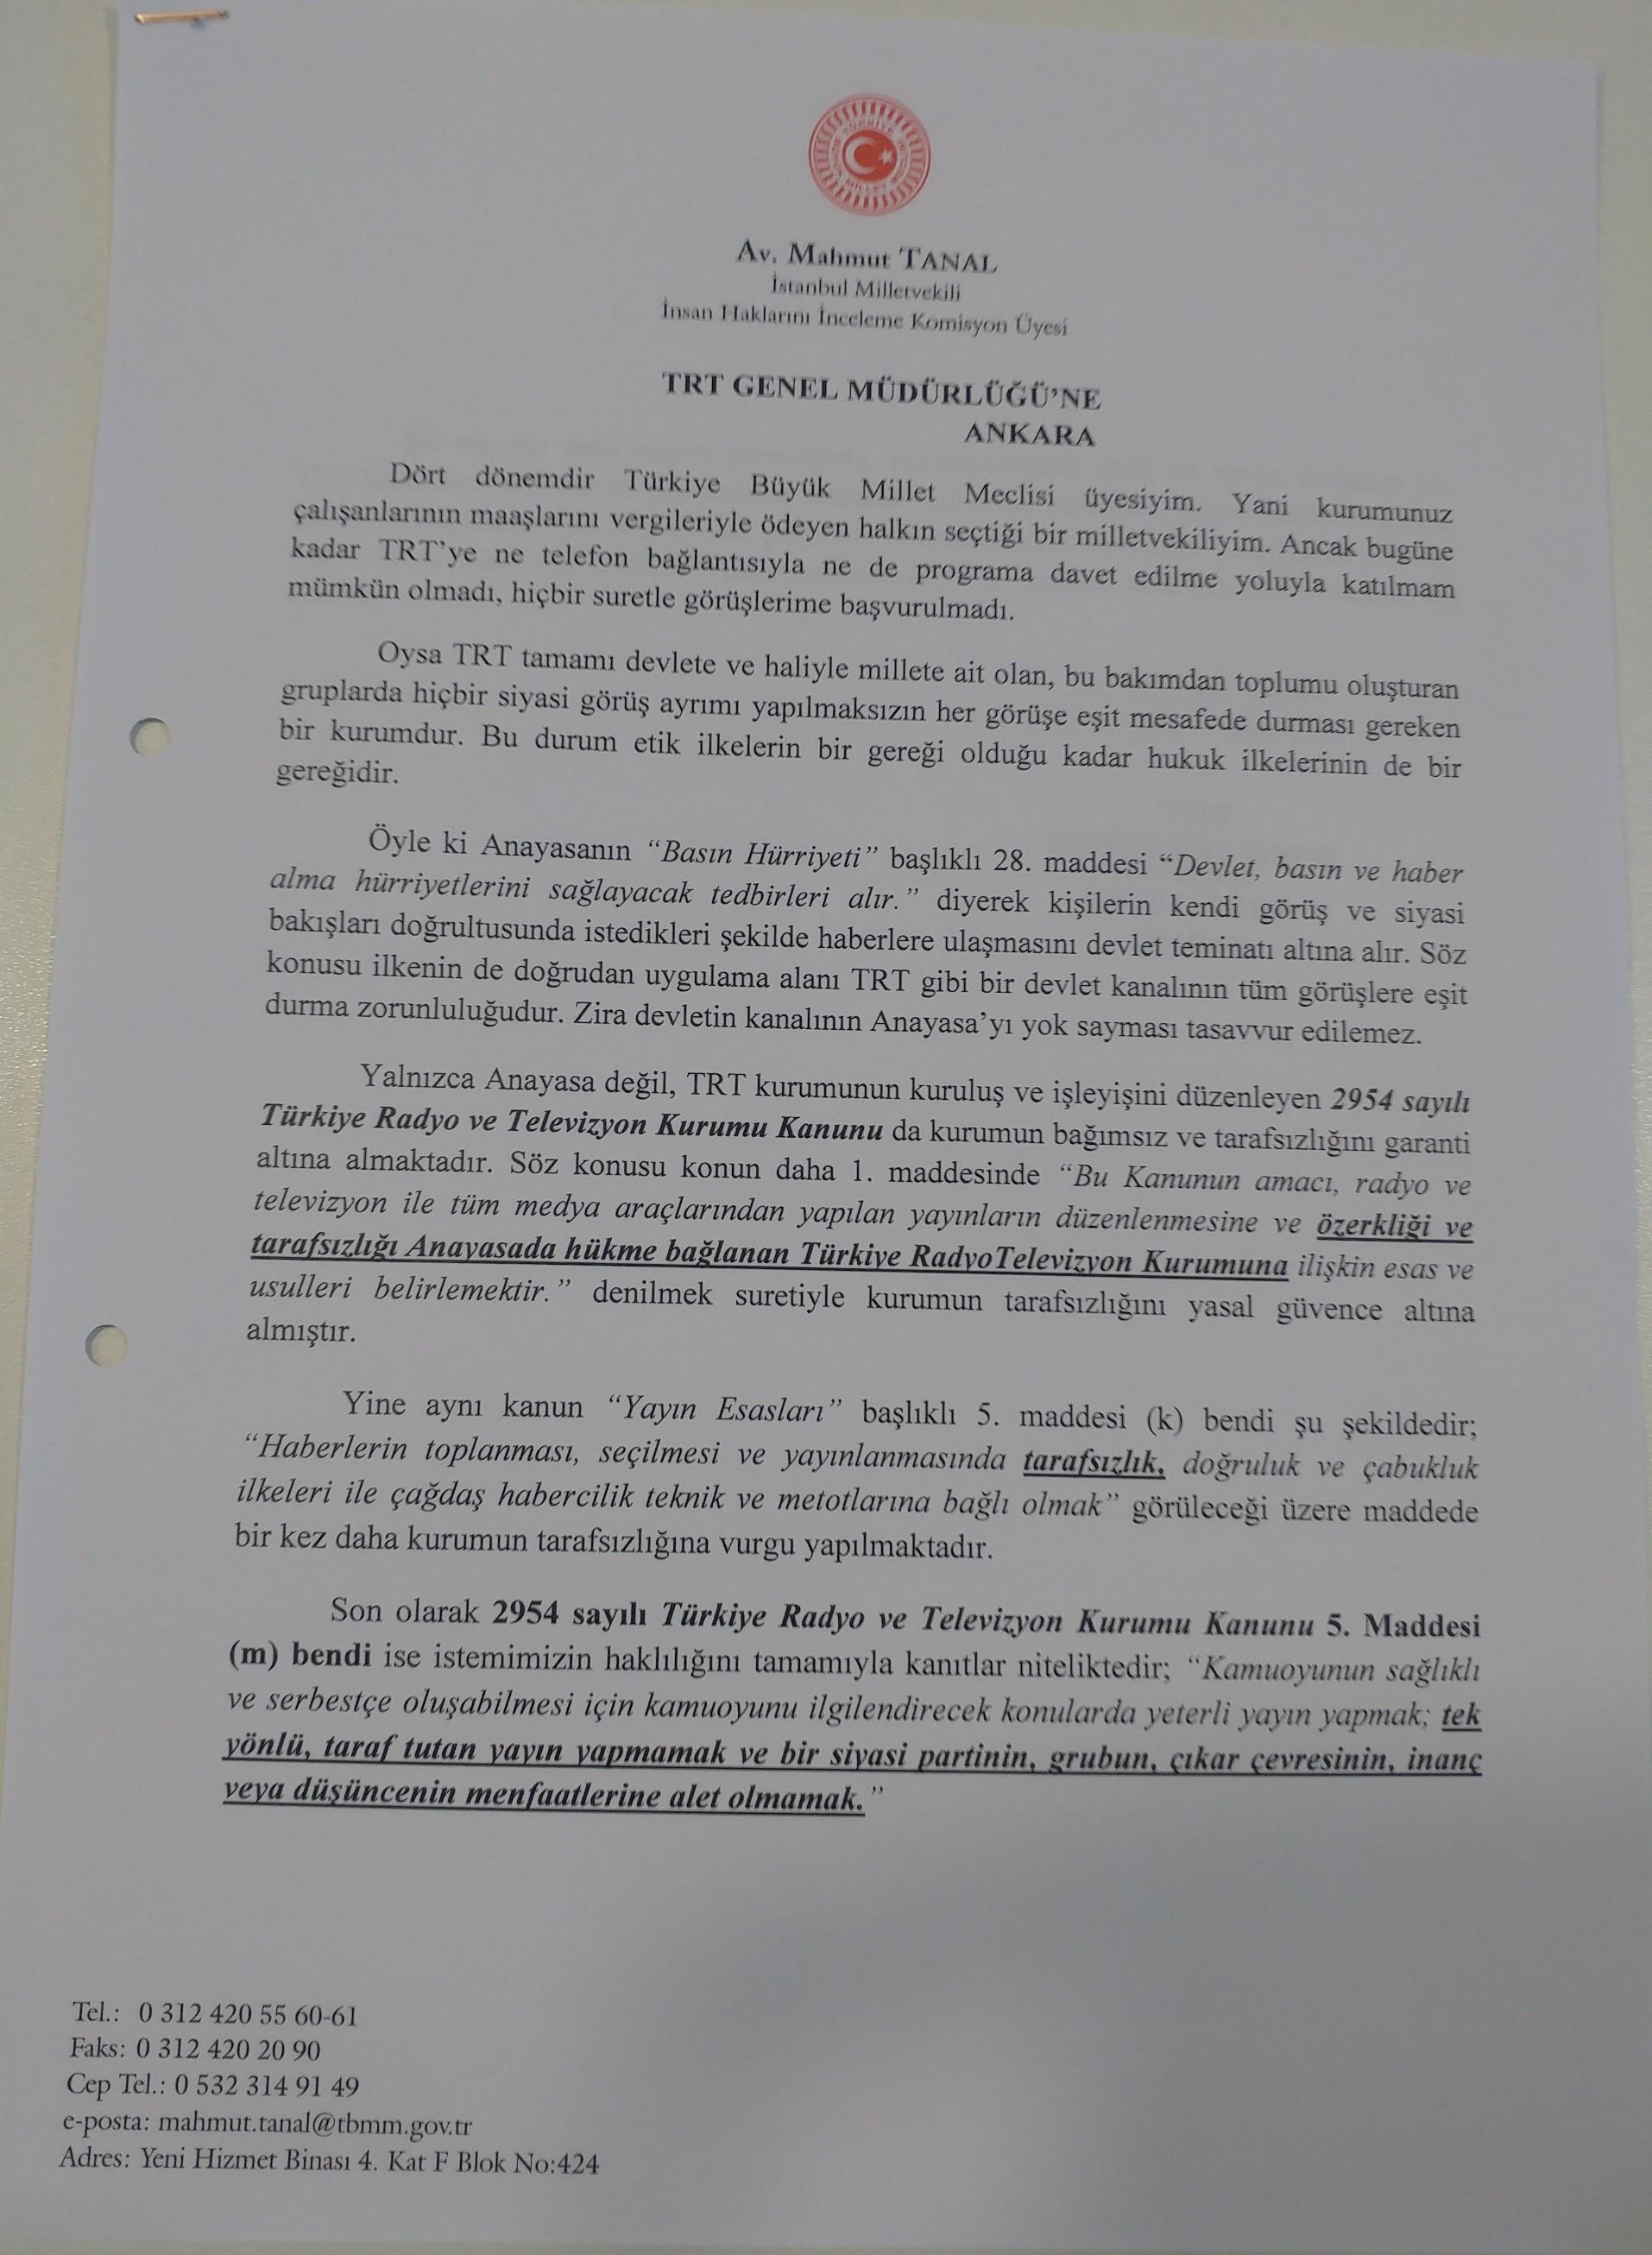 Tanal- TRT Genel Müdürlüğü dilekçe 1.jpg